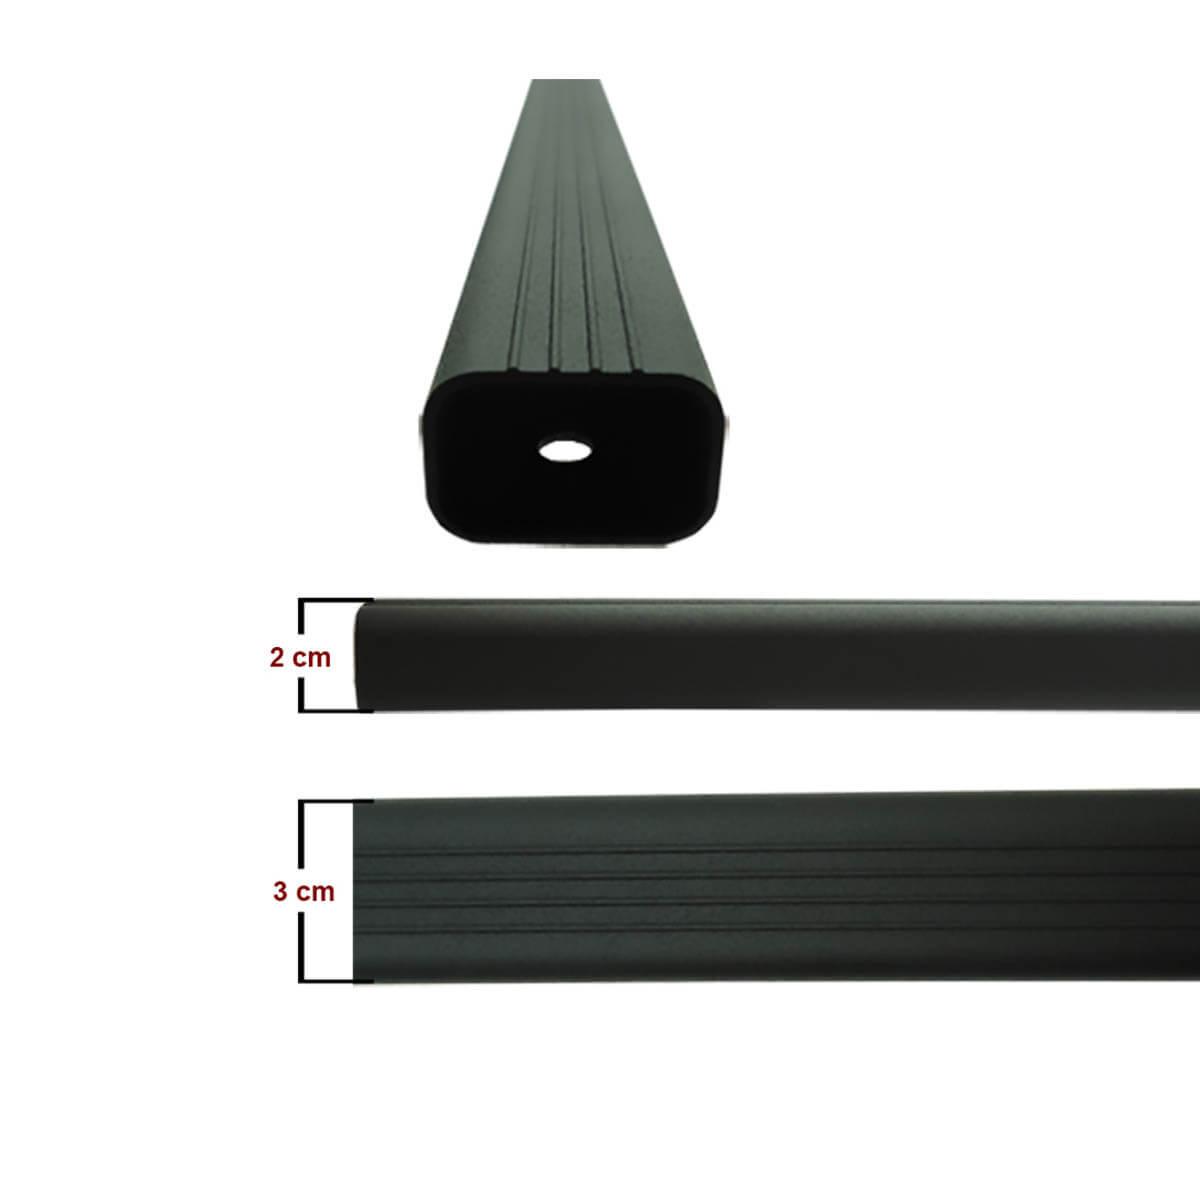 Travessa rack de teto alumínio preta Saveiro 2010 a 2019 cabine estendida ou dupla